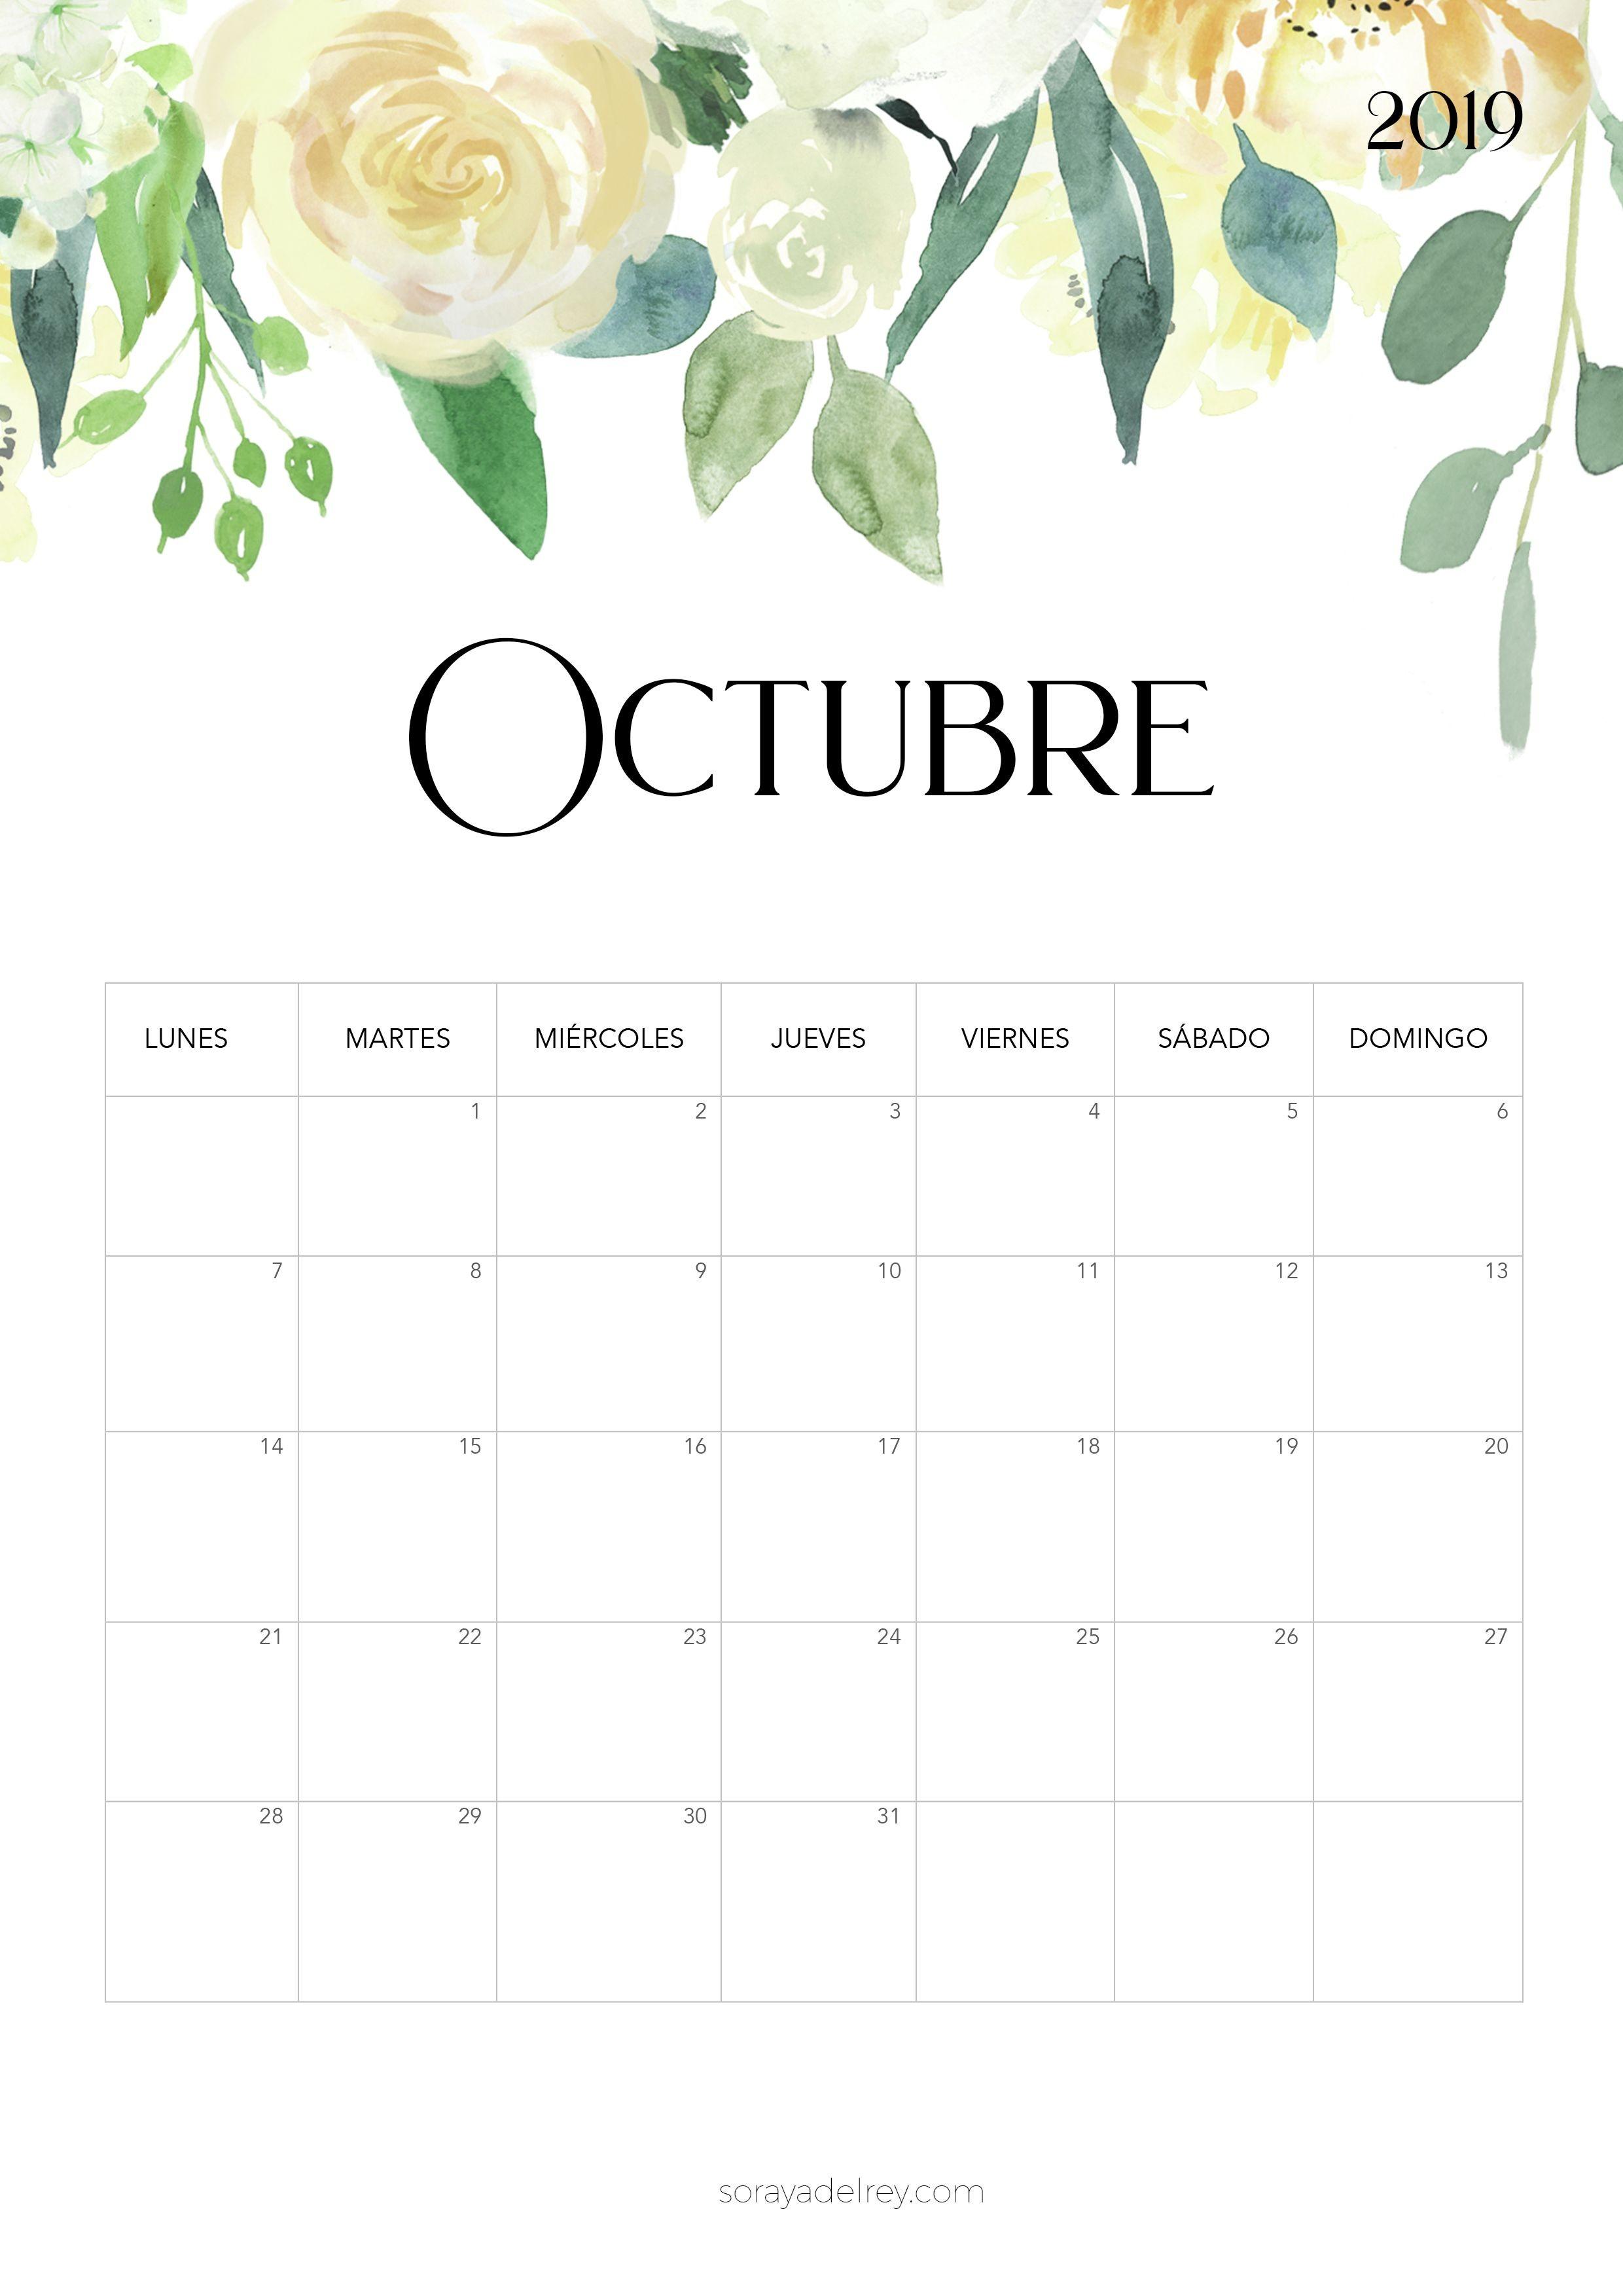 Calendario para imprimir octubre 2019 freebie calendario calendar octubre flowers nature papeleria stationary